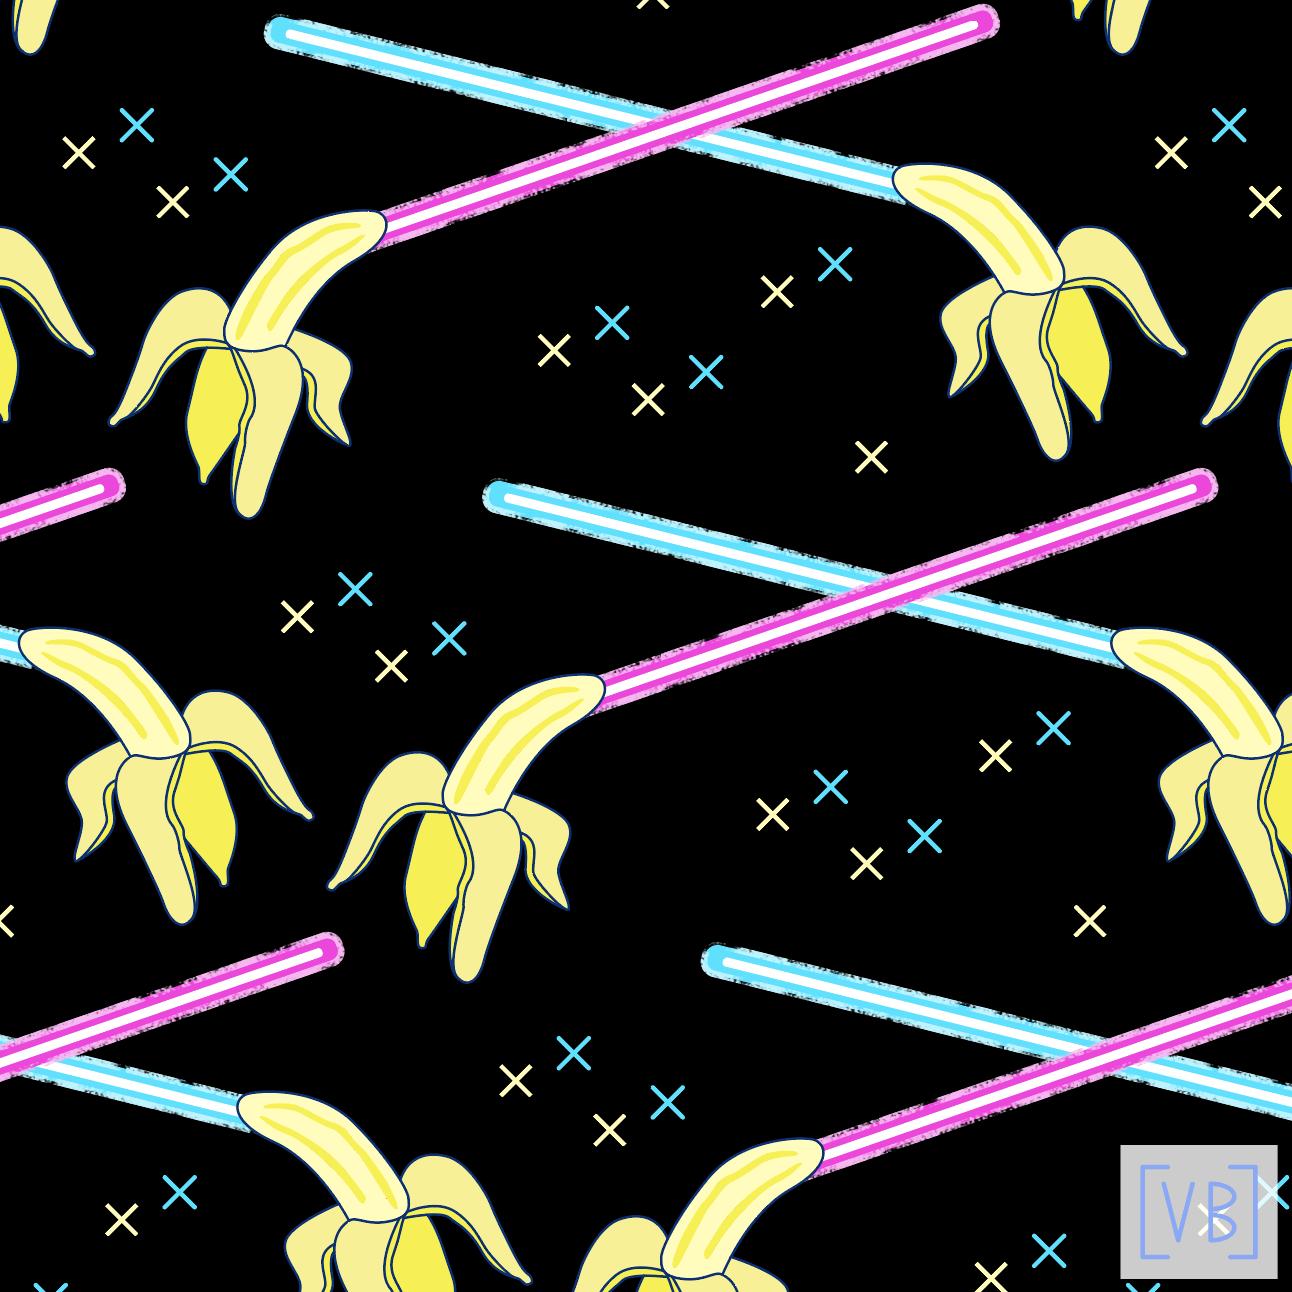 06.02.16_banana _light_saber.png